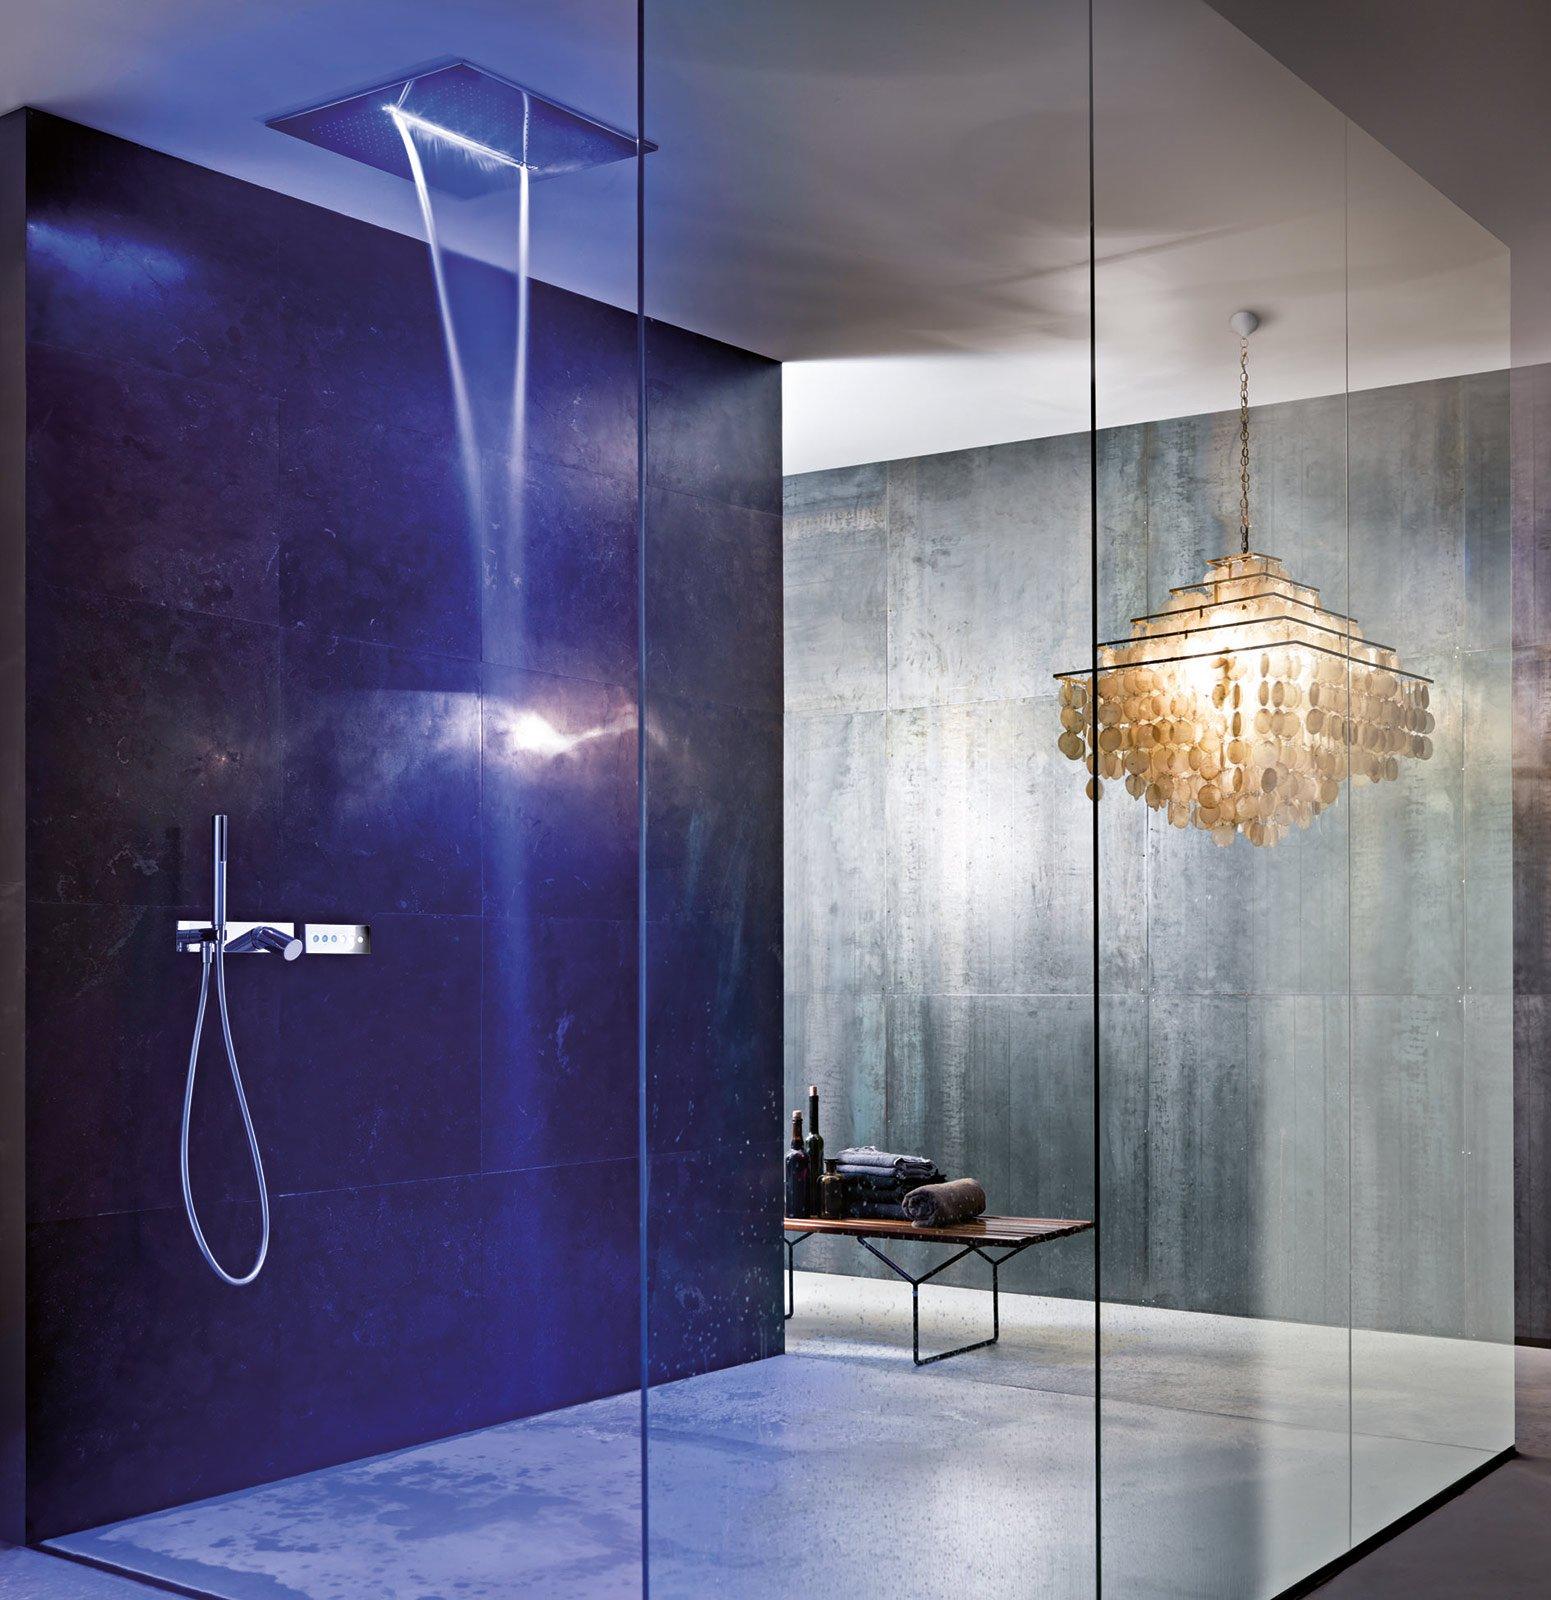 Rubinetteria soffioni per la doccia cose di casa - Soffione doccia a soffitto ...